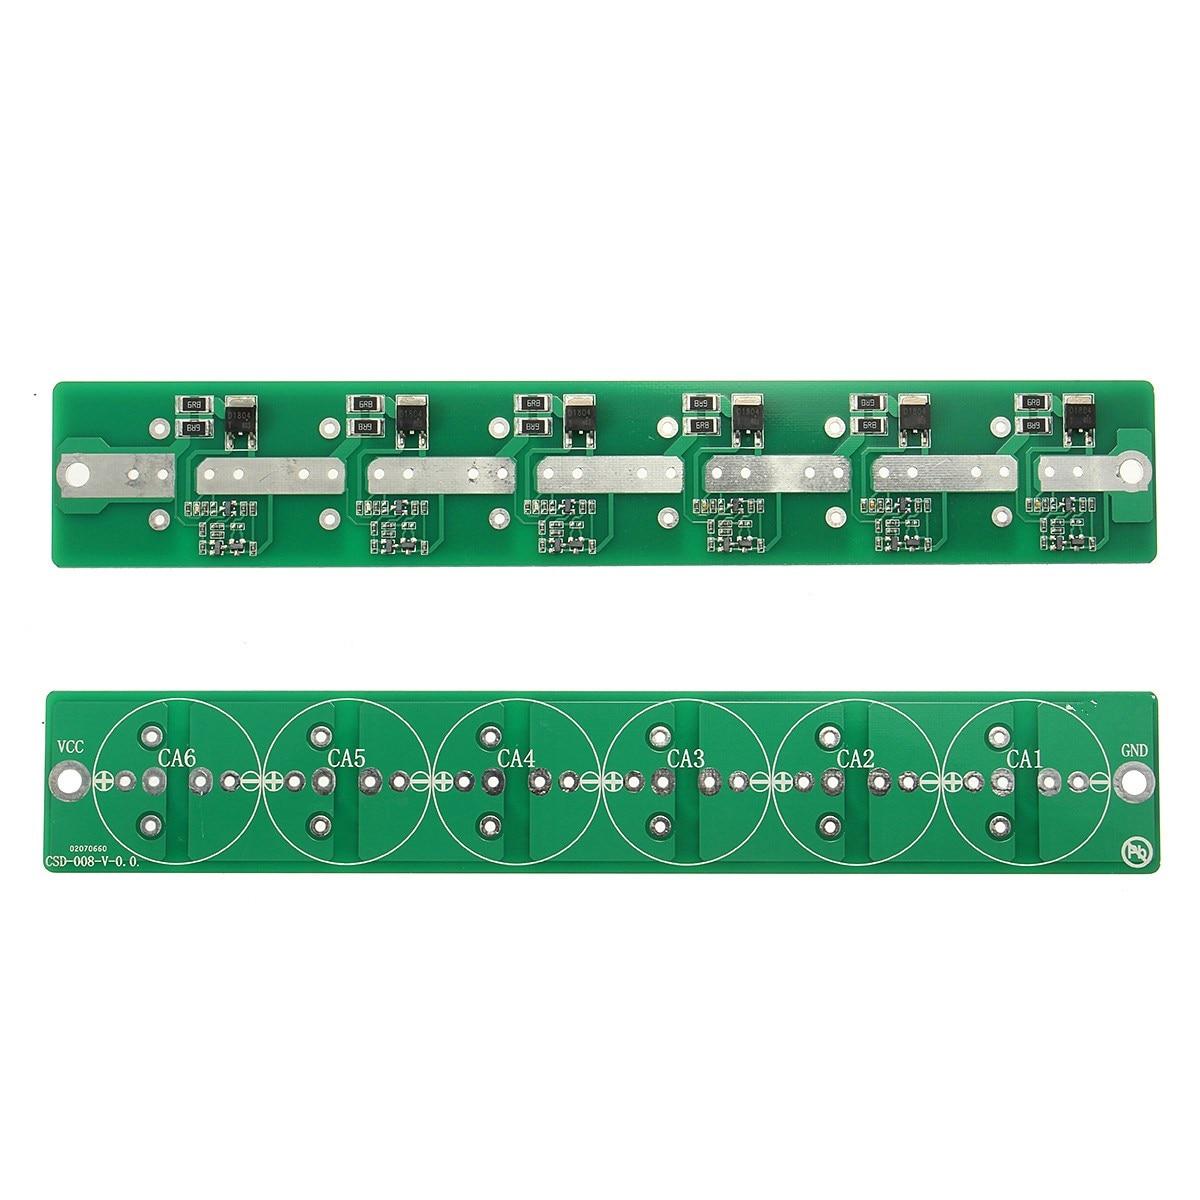 Новый 6 строка 2.7 В 100F-500F 100F 120F 220F 360F 400F 500F супер конденсатор балансировки защиты доска